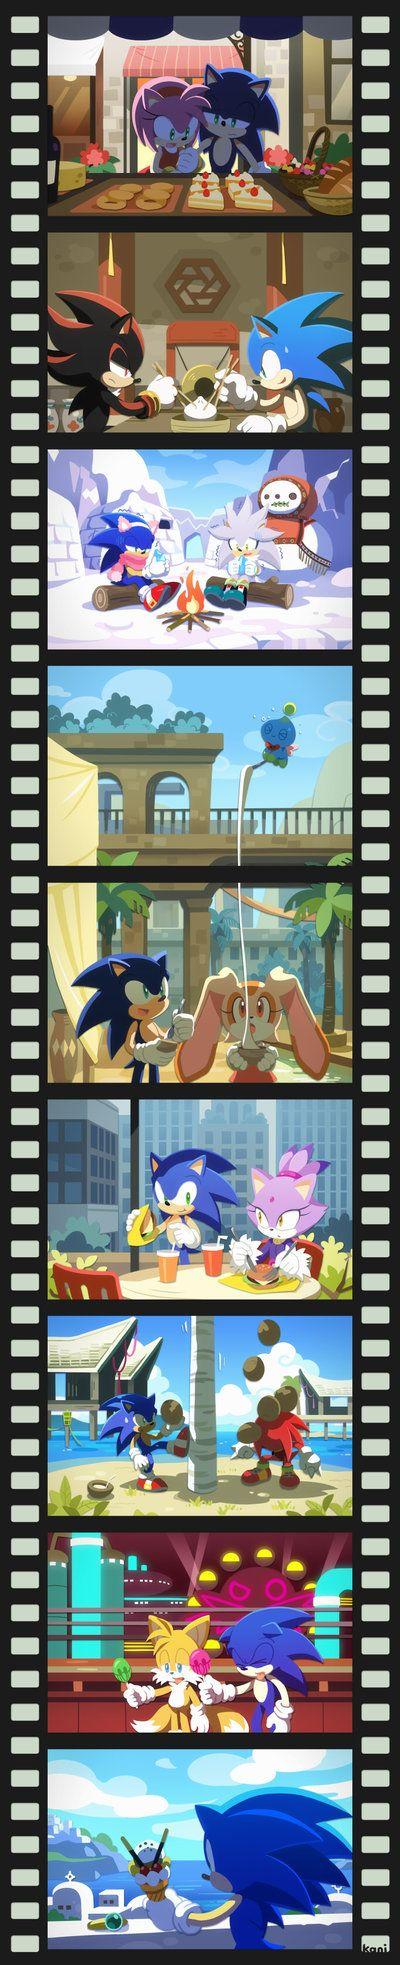 Sonic Unleashed - para mim a foto mais linda é a ultima devido á historia da pluceira.